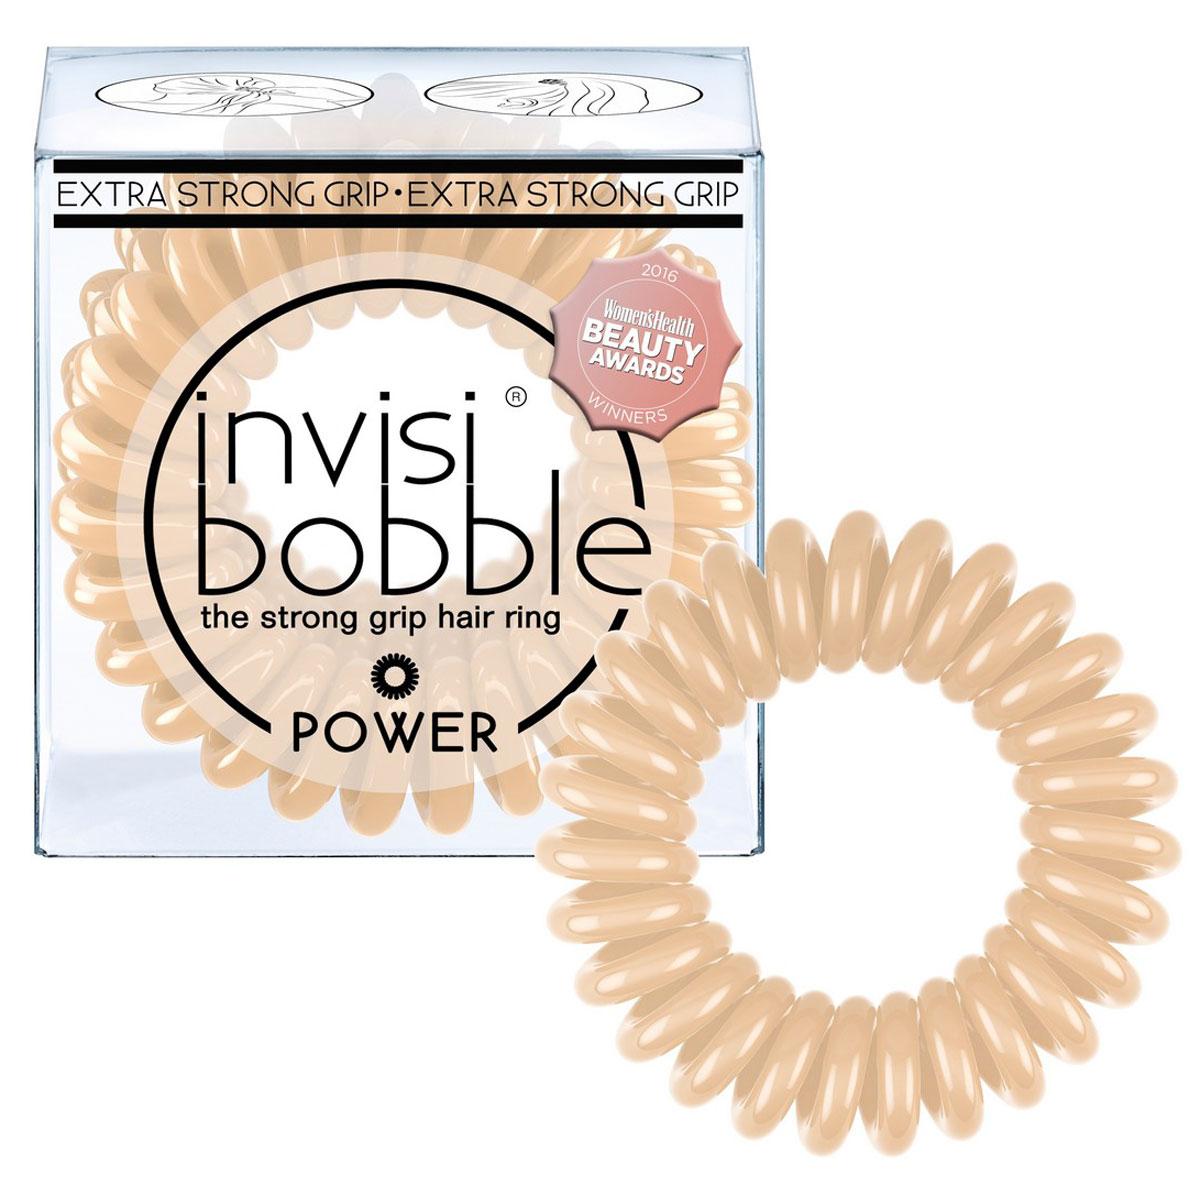 Резинка-браслет для волос Invisibobble Power To Be Or Nude To Be, 3 шт3069Резинки-браслеты invisibobble бежевого цвета To Be or Nude to Be из обновленной коллекции POWER подчеркнут ваш естественный образ. Резинки-браслеты invisibobble POWER немного больше в размере, чем invisibobble ORIGINAL, а также имеют более плотные витки. Это позволяет плотно фиксировать волосы во время занятий спортом и активного отдыха. invisibobble POWER также идеальны для густых волос. Резинки-браслеты invisibobble подходят для всех типов волос, надежно фиксируют прическу, не оставляют заломы и не вызывают головную боль благодаря неравномерному распределению давления на волосы. Кроме того, они не намокают и не вызывают аллергию при контакте с кожей, поскольку изготовлены из искусственной смолы.C резинками Invisibobble можно легко создавать разнообразные прически. Резинки прочно держат волосы любой длины, при этом, не стягивая их слишком туго. Телефонный провод позволяет с легкостью и без вреда для волос протягивать пряди под спираль и ослаблять уже закрепленные для придания объема прическе. Invisibobble идеально подходят для ежедневного применения.Не комедогенна.